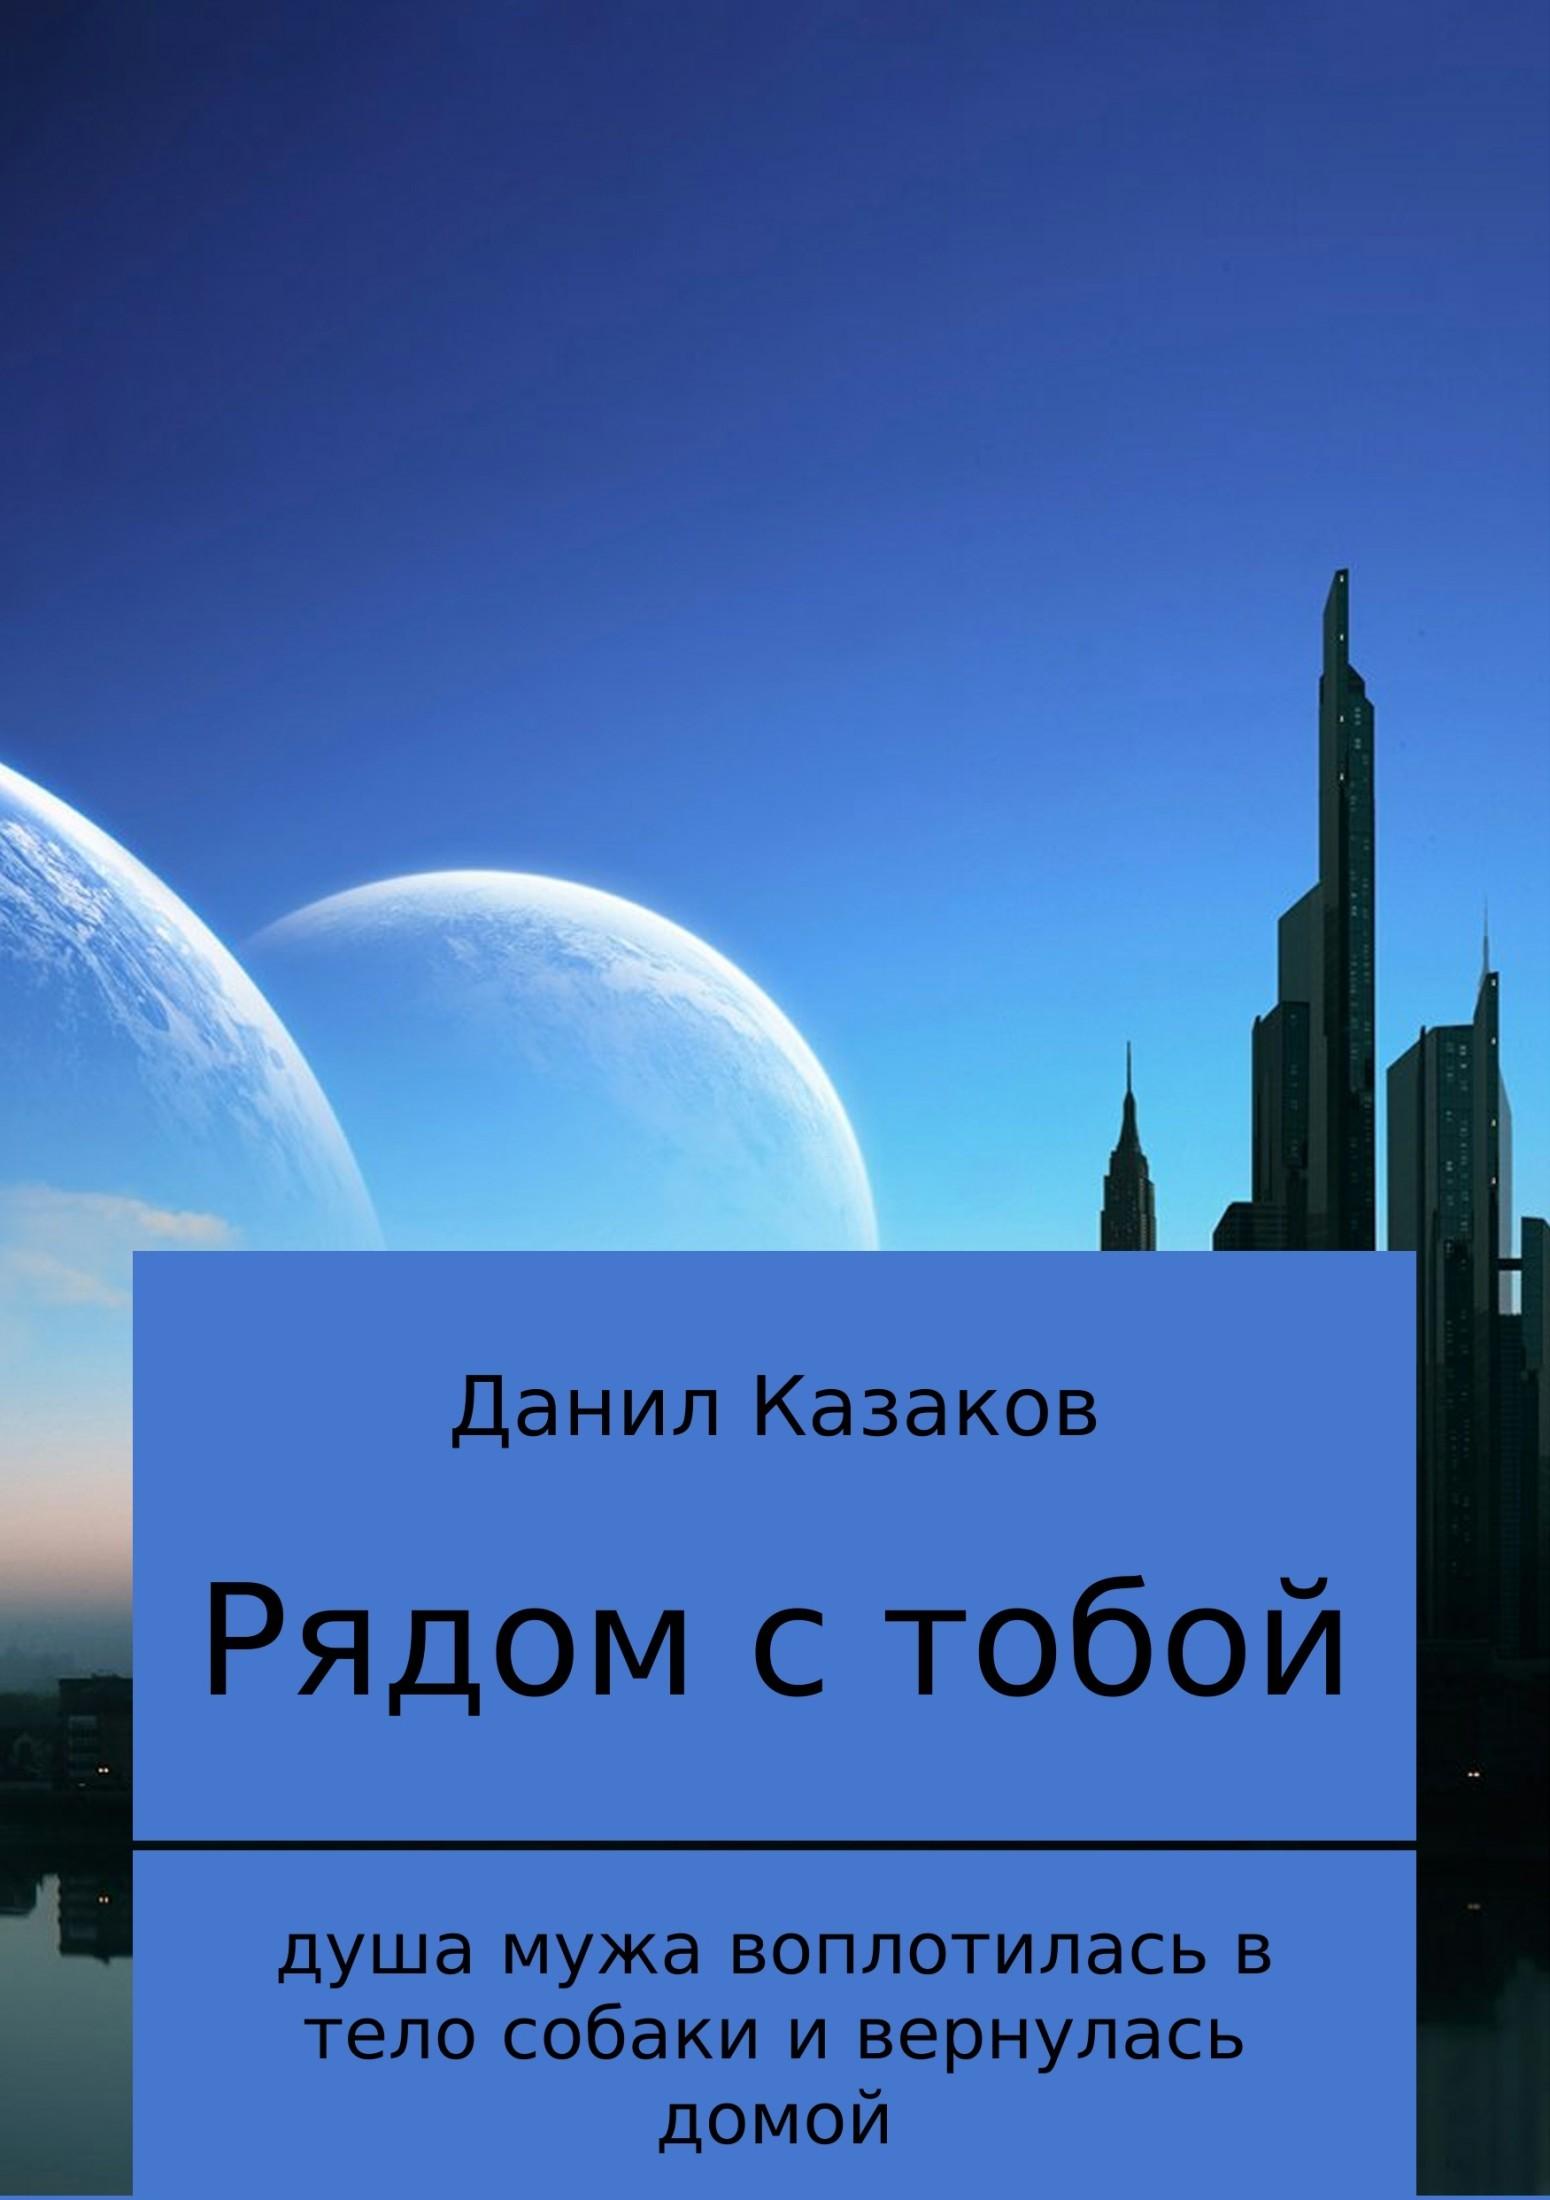 Данил Васильевич Казаков Рядом с тобой данил васильевич казаков монтекки и капулетти